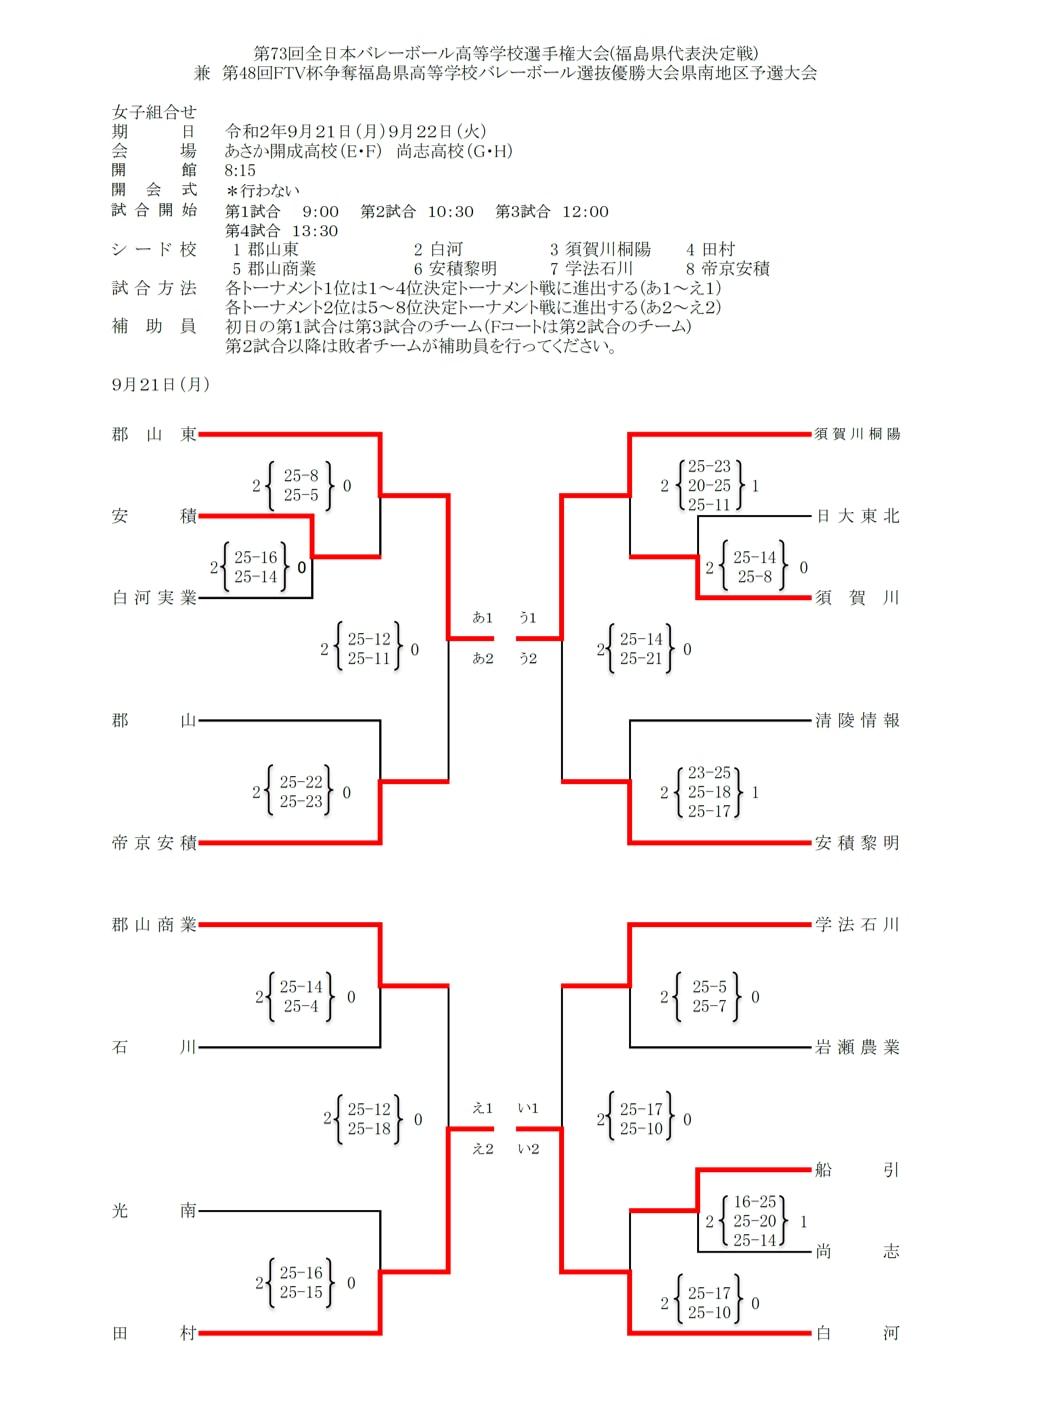 2020年度_全日本高校選手権_福島予選_県南地区_女子_結果1_訂正版